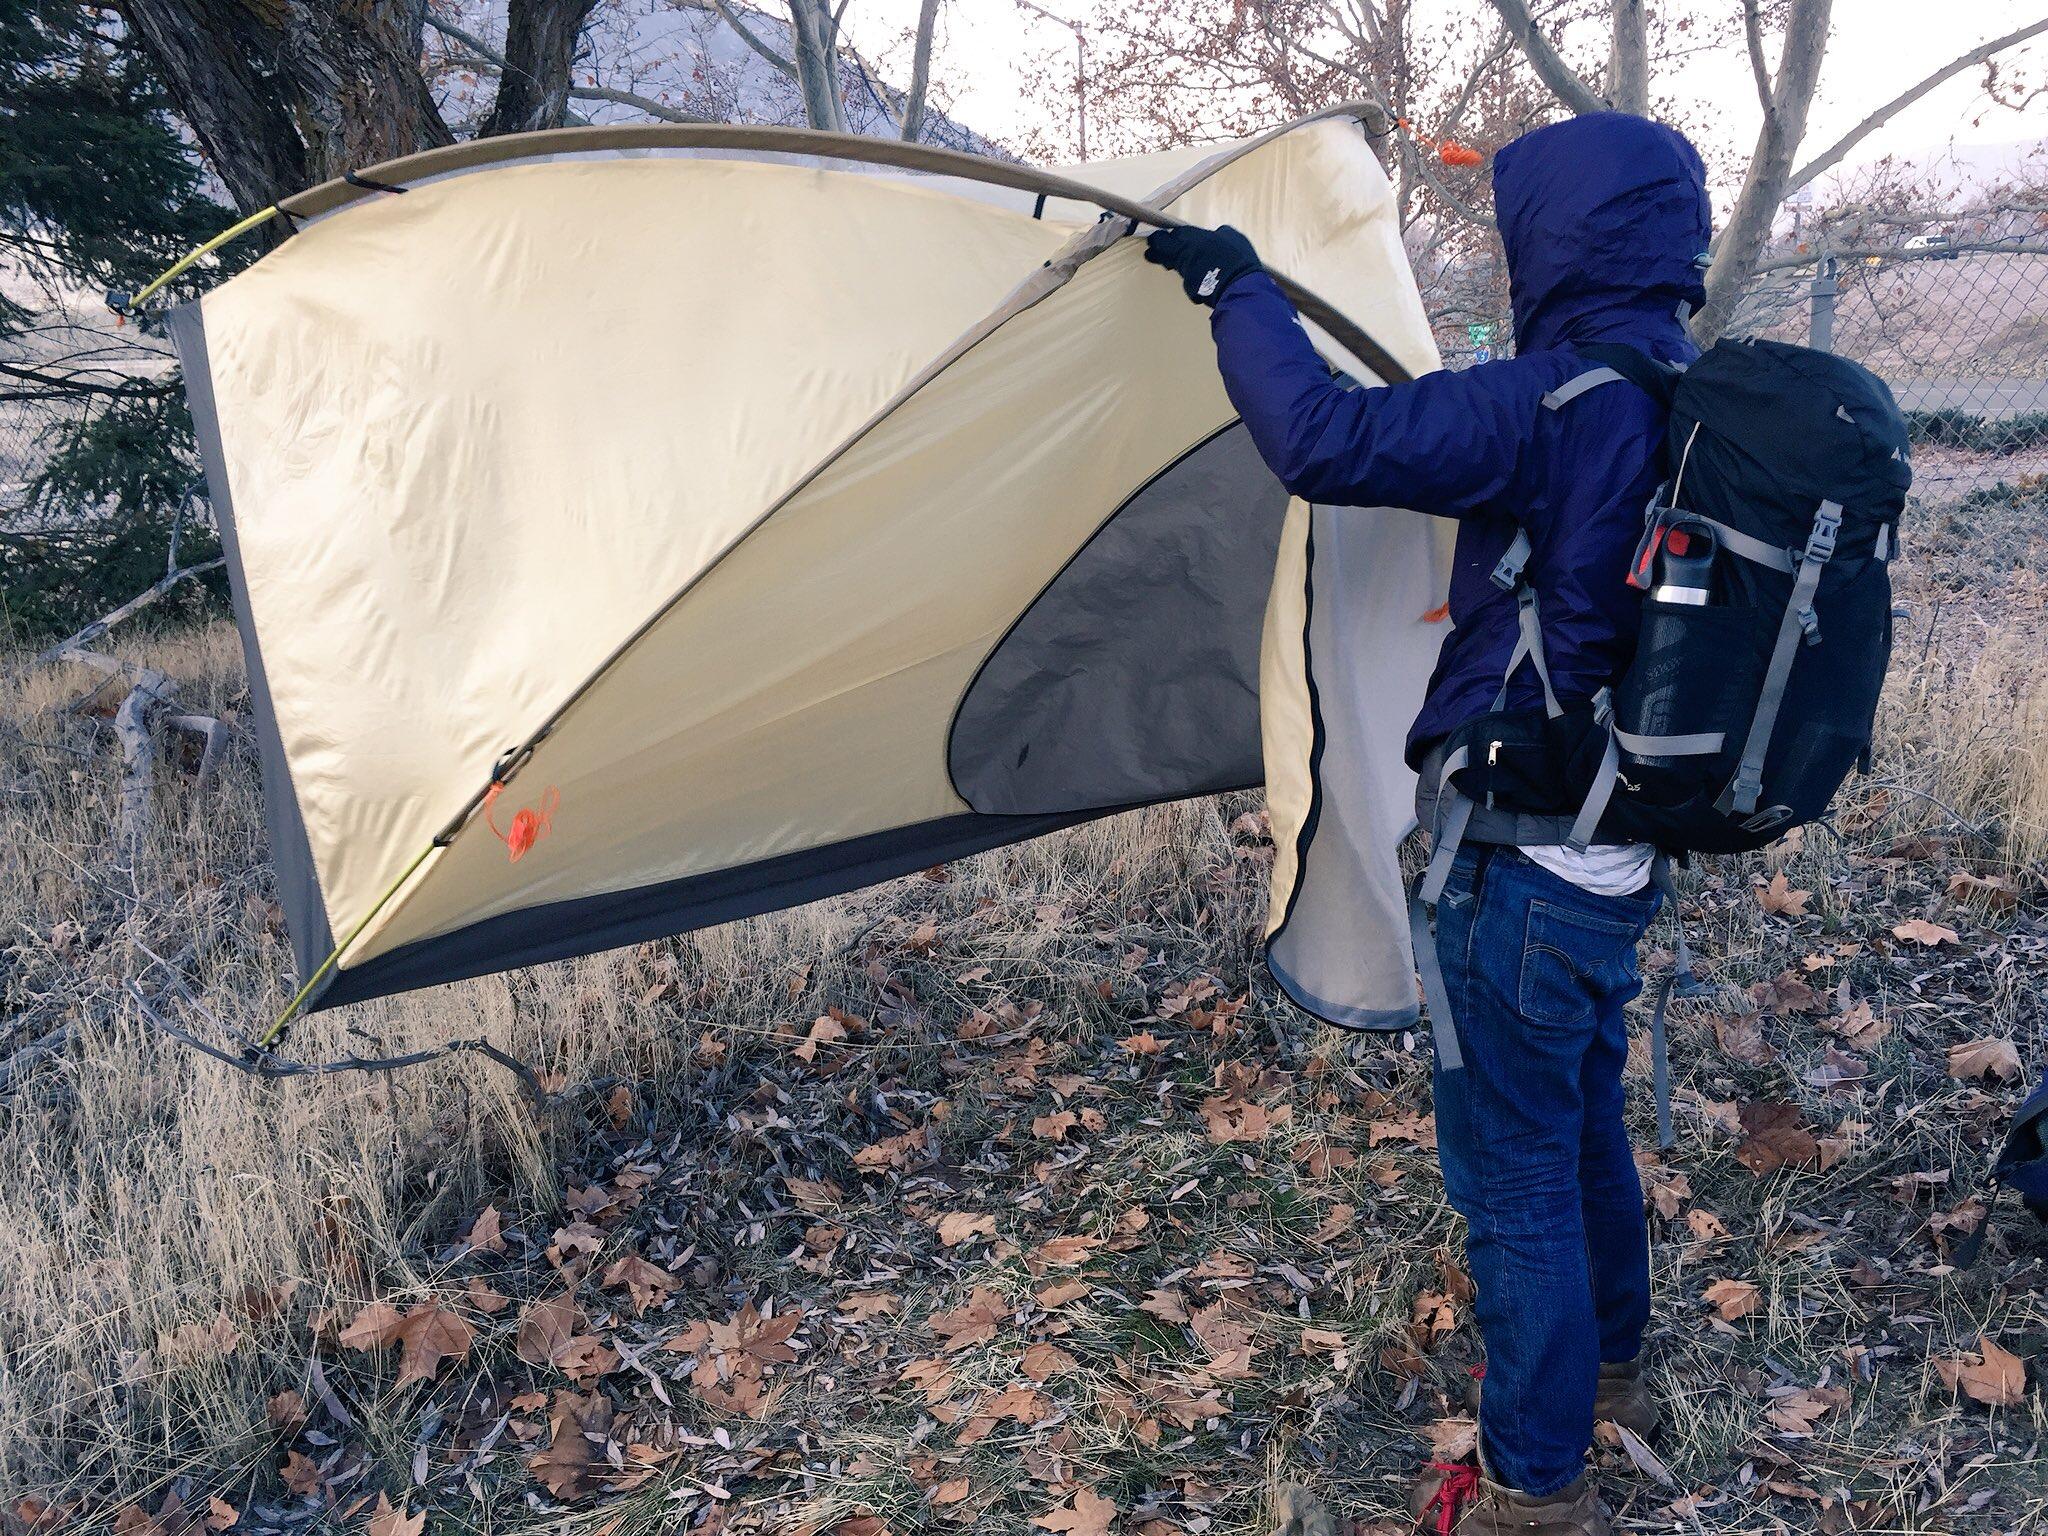 ヒッチハイク,旅,アメリカ,世界一周,ブログ,キャンプ,カンナビス,Yreka,Weed,Mount shasta,Redding